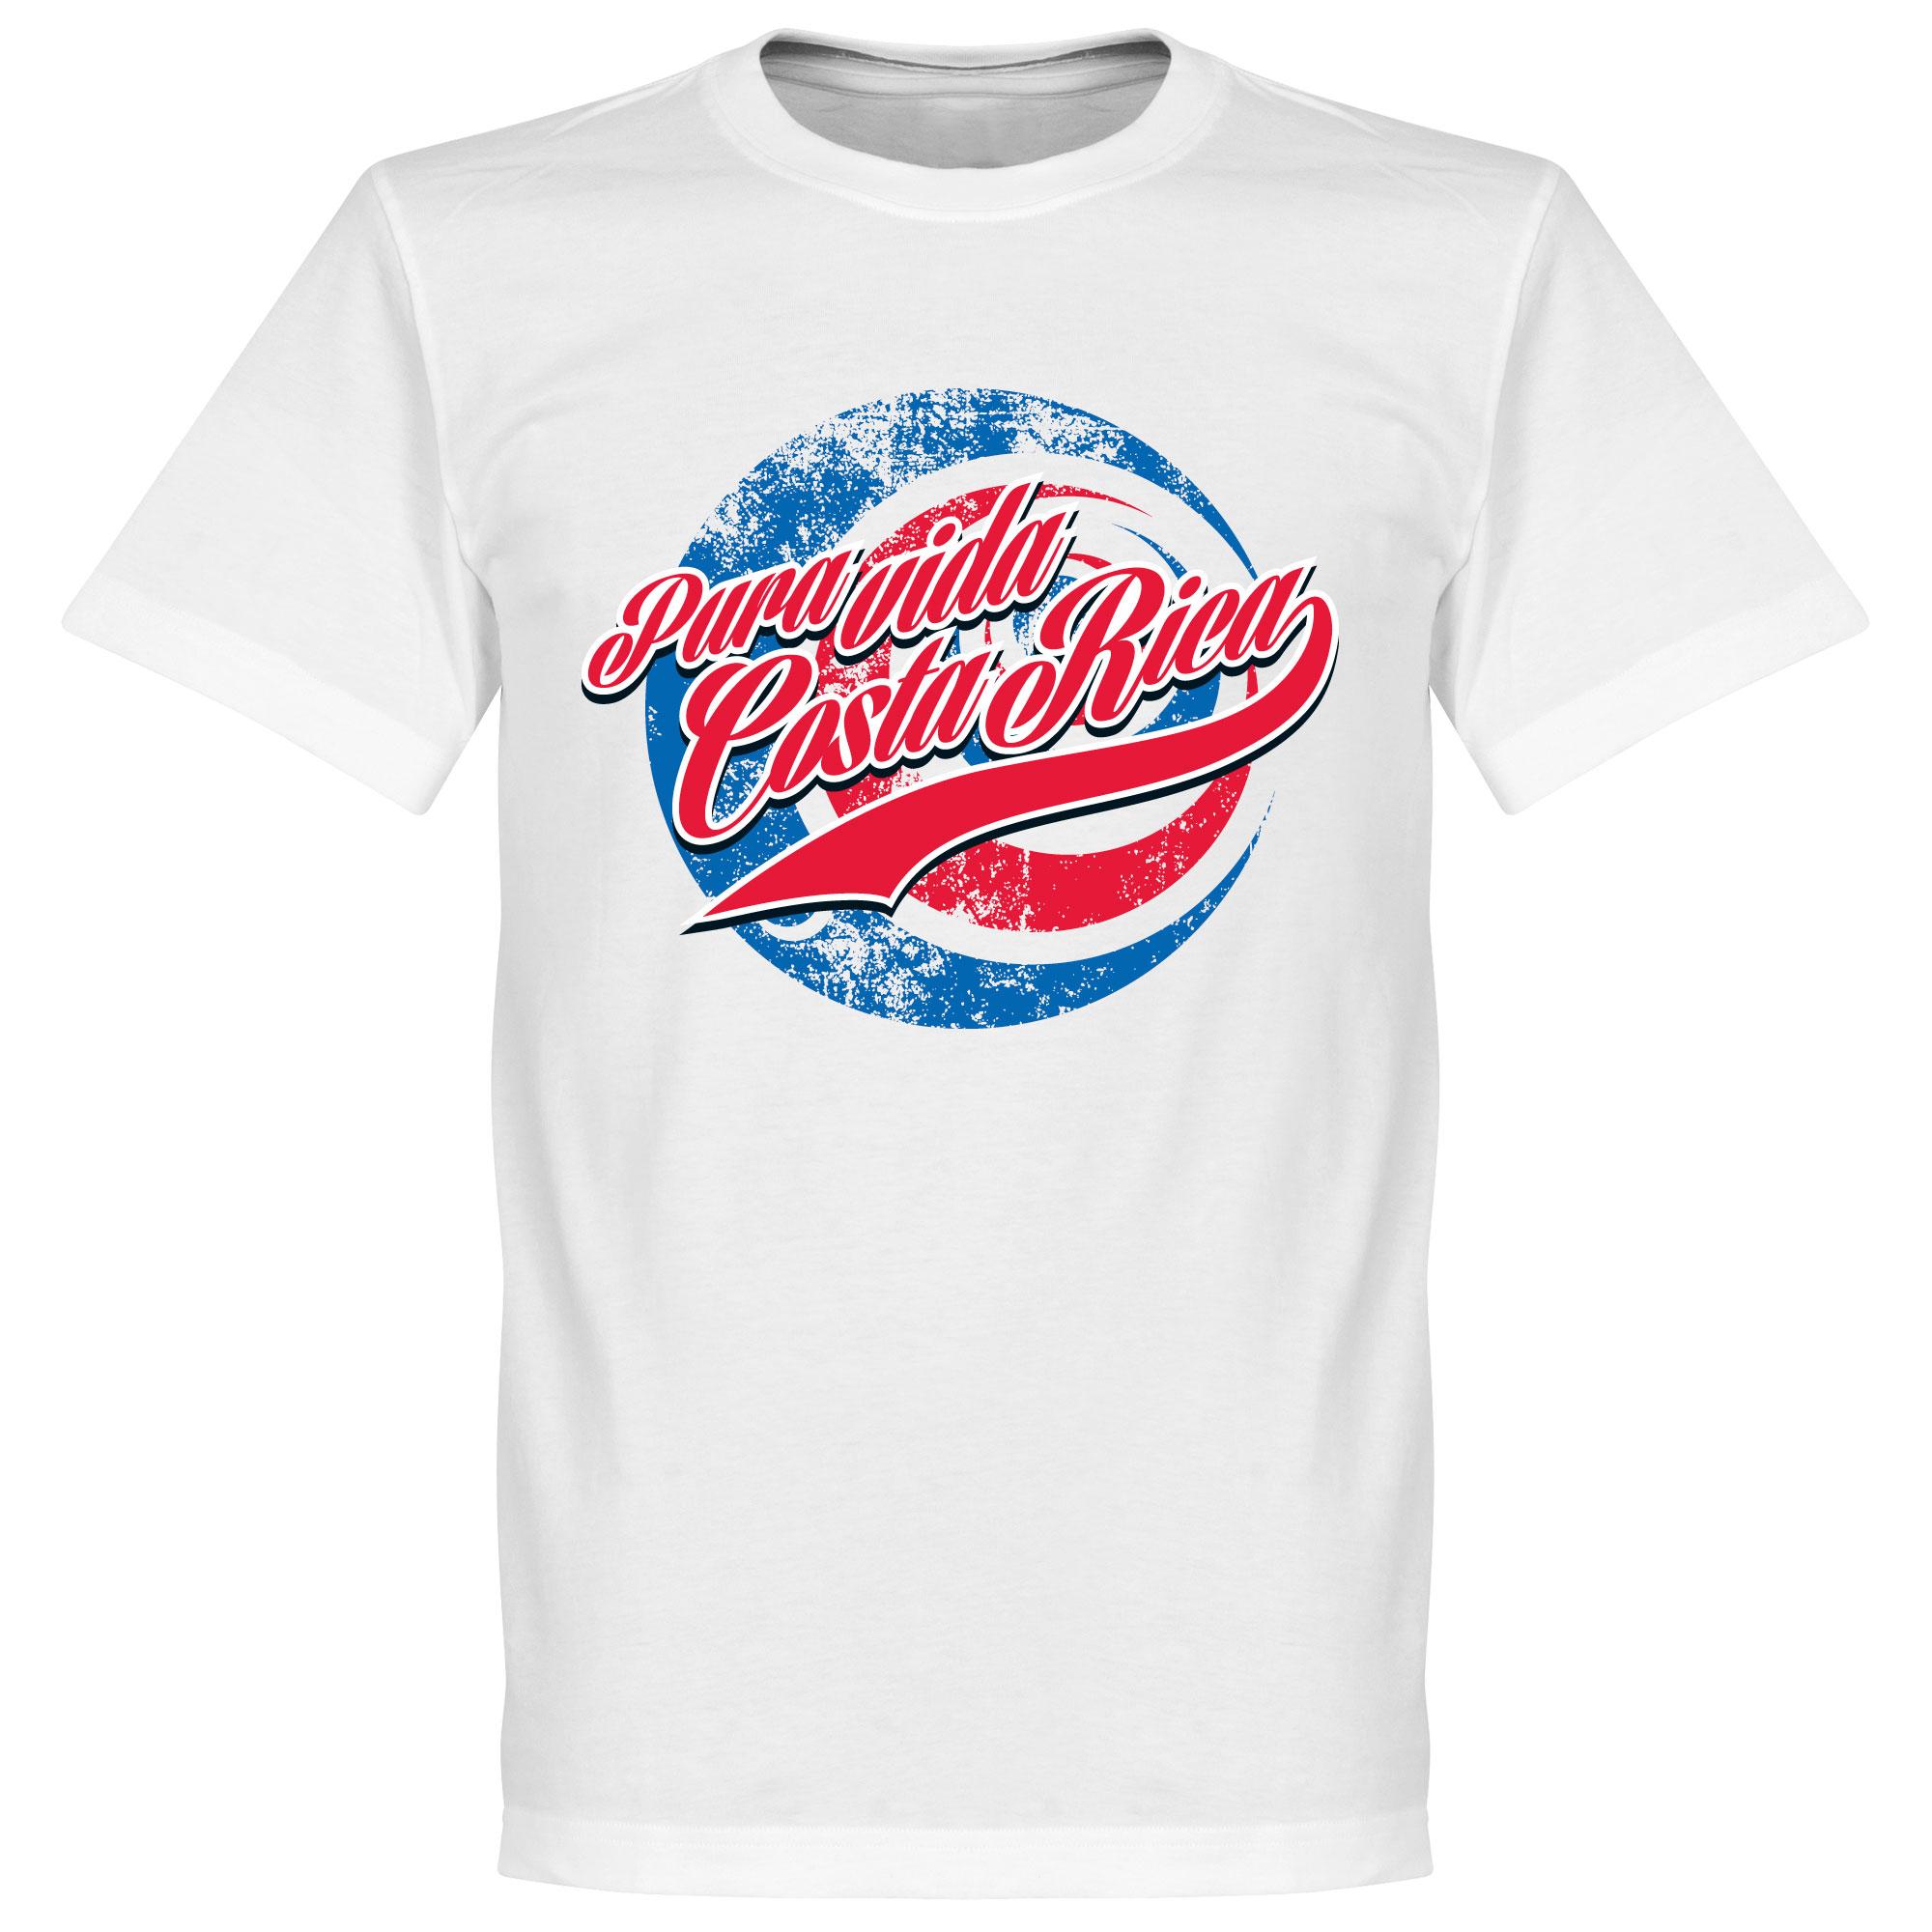 Pura Vida Costa Rica T-shirt - White - XXXXL